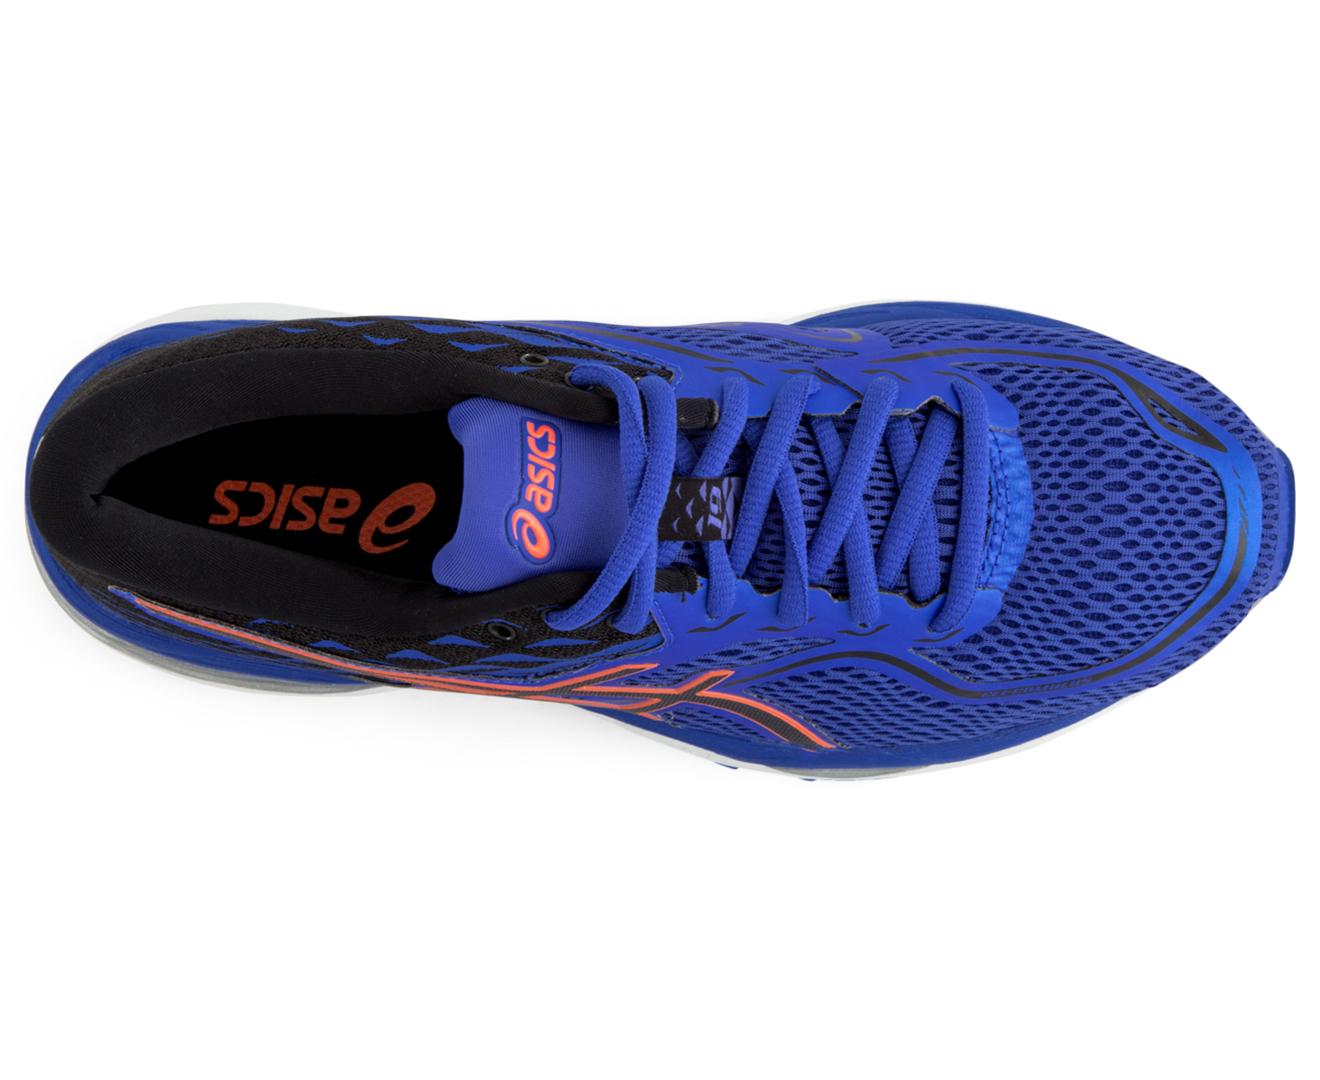 3ce41821 Asics Women's GEL-Cumulus 19 Wide Fit (D) Shoe - Blue Purple/Black/Flash  Coral